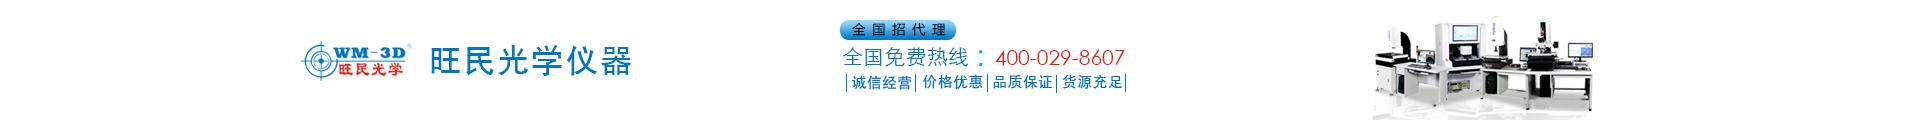 东莞市旺民光学仪器有限公司